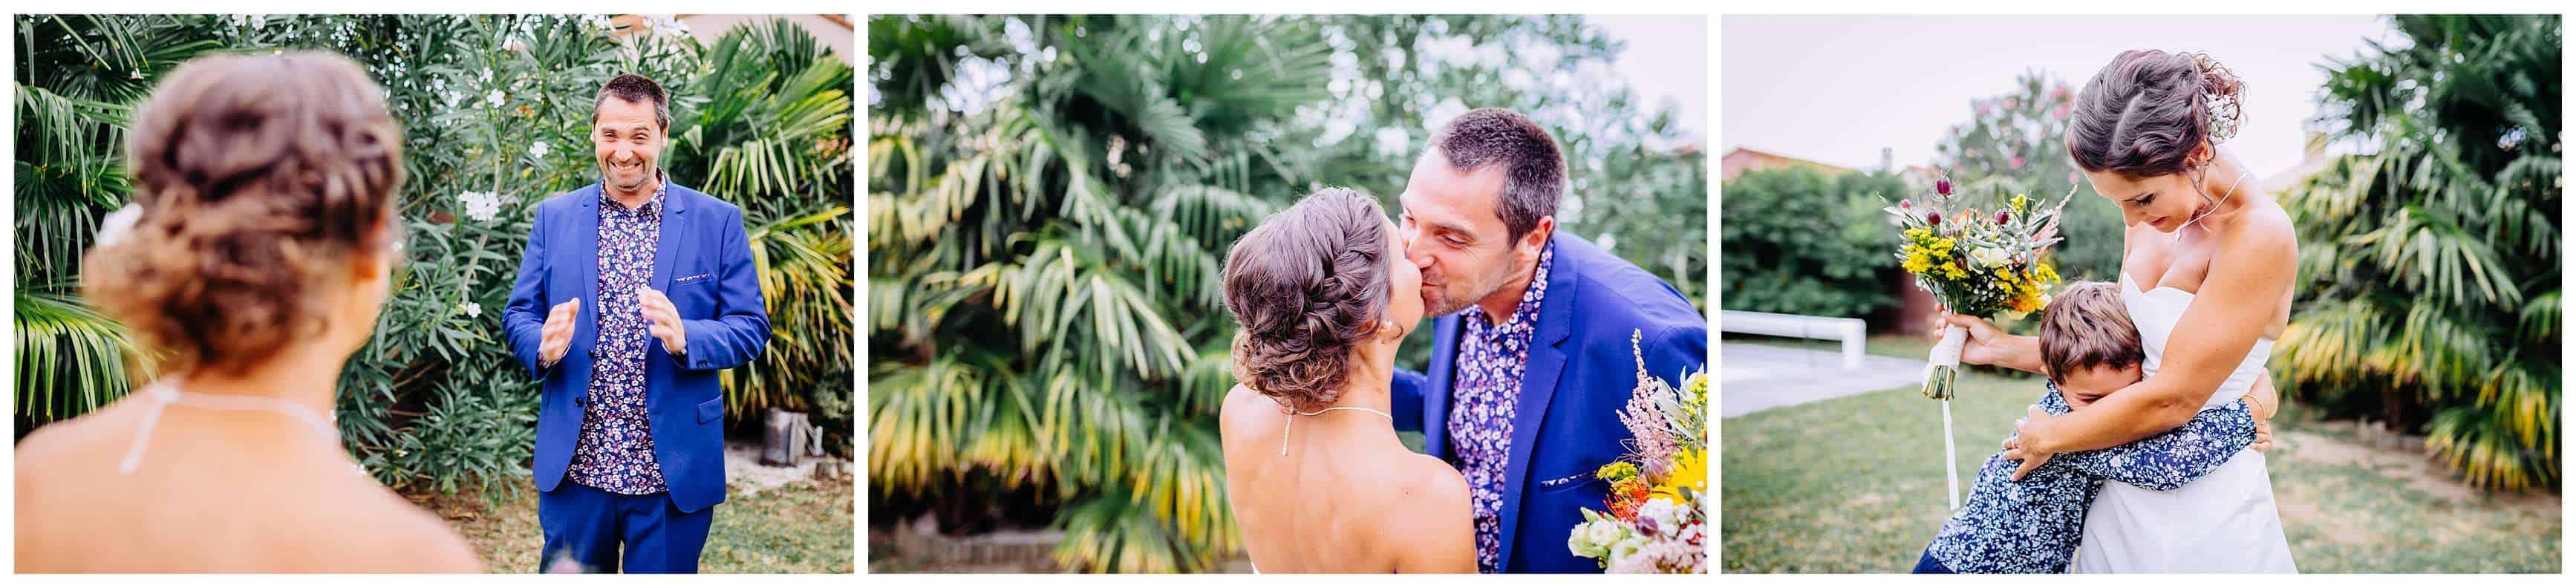 il decouvre sa femme en robe de mariée